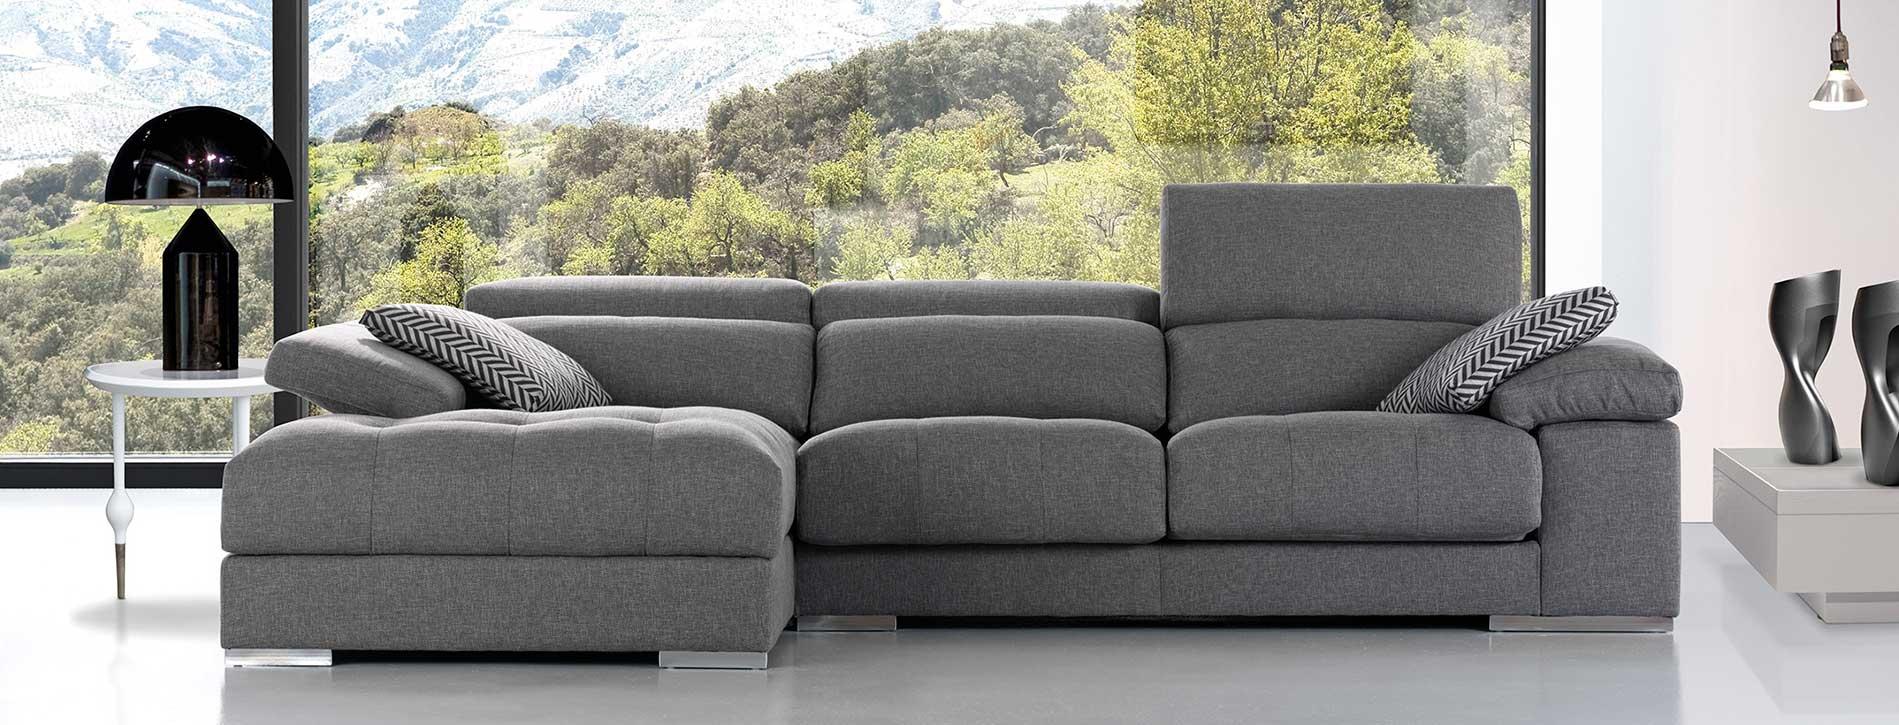 sofas-modernos-General-Divani-muebles-paco-caballero-1824-5cb617a4e56fe